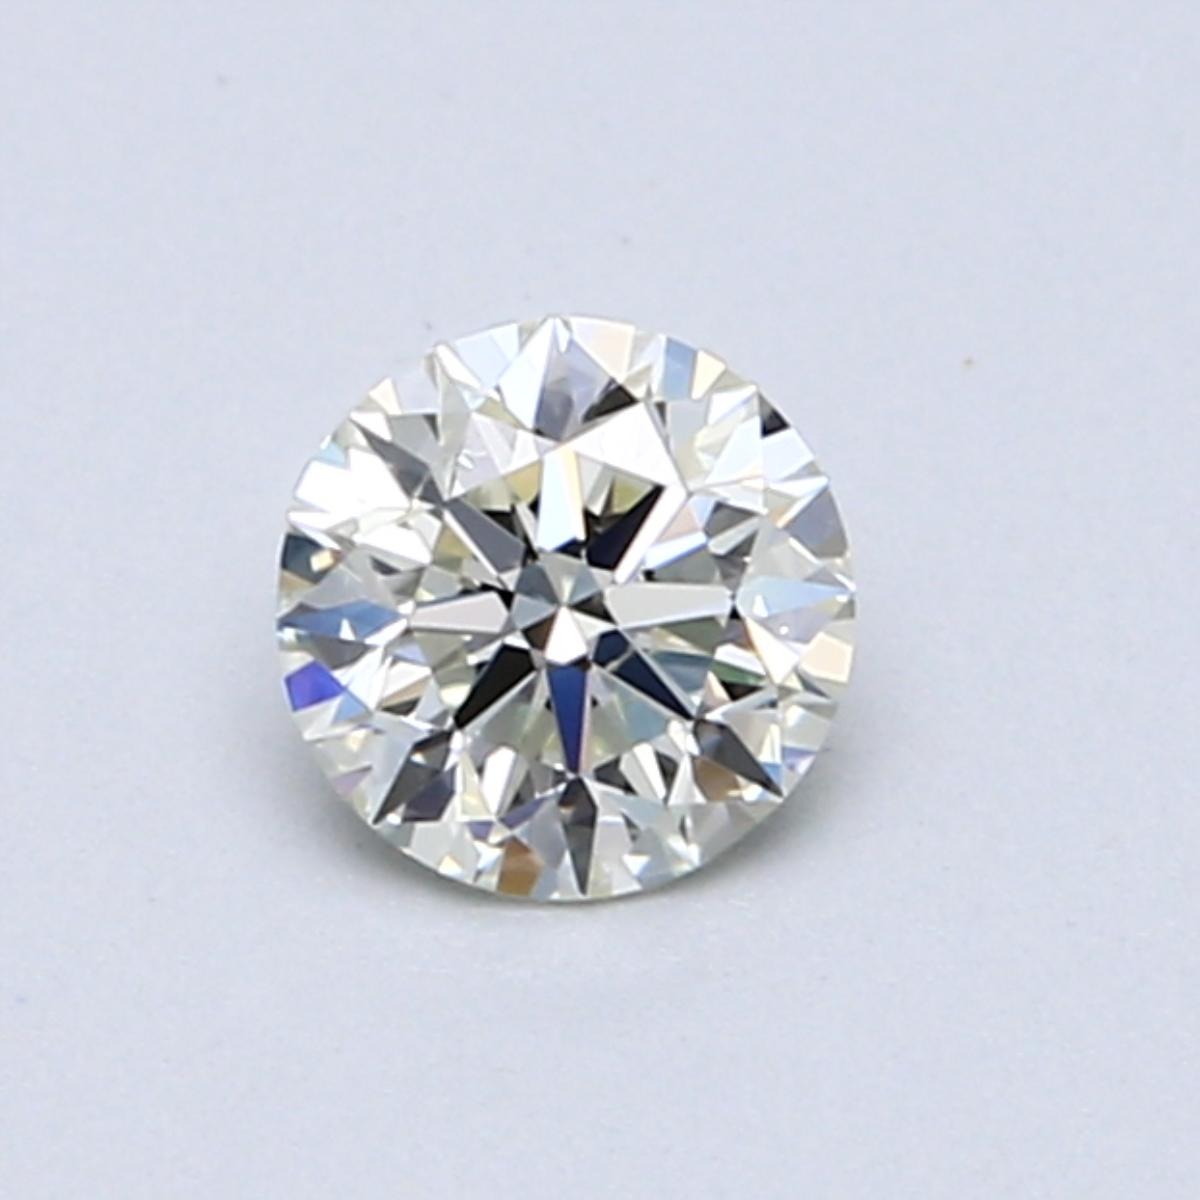 0.51 Carat G VS2 Round Diamond